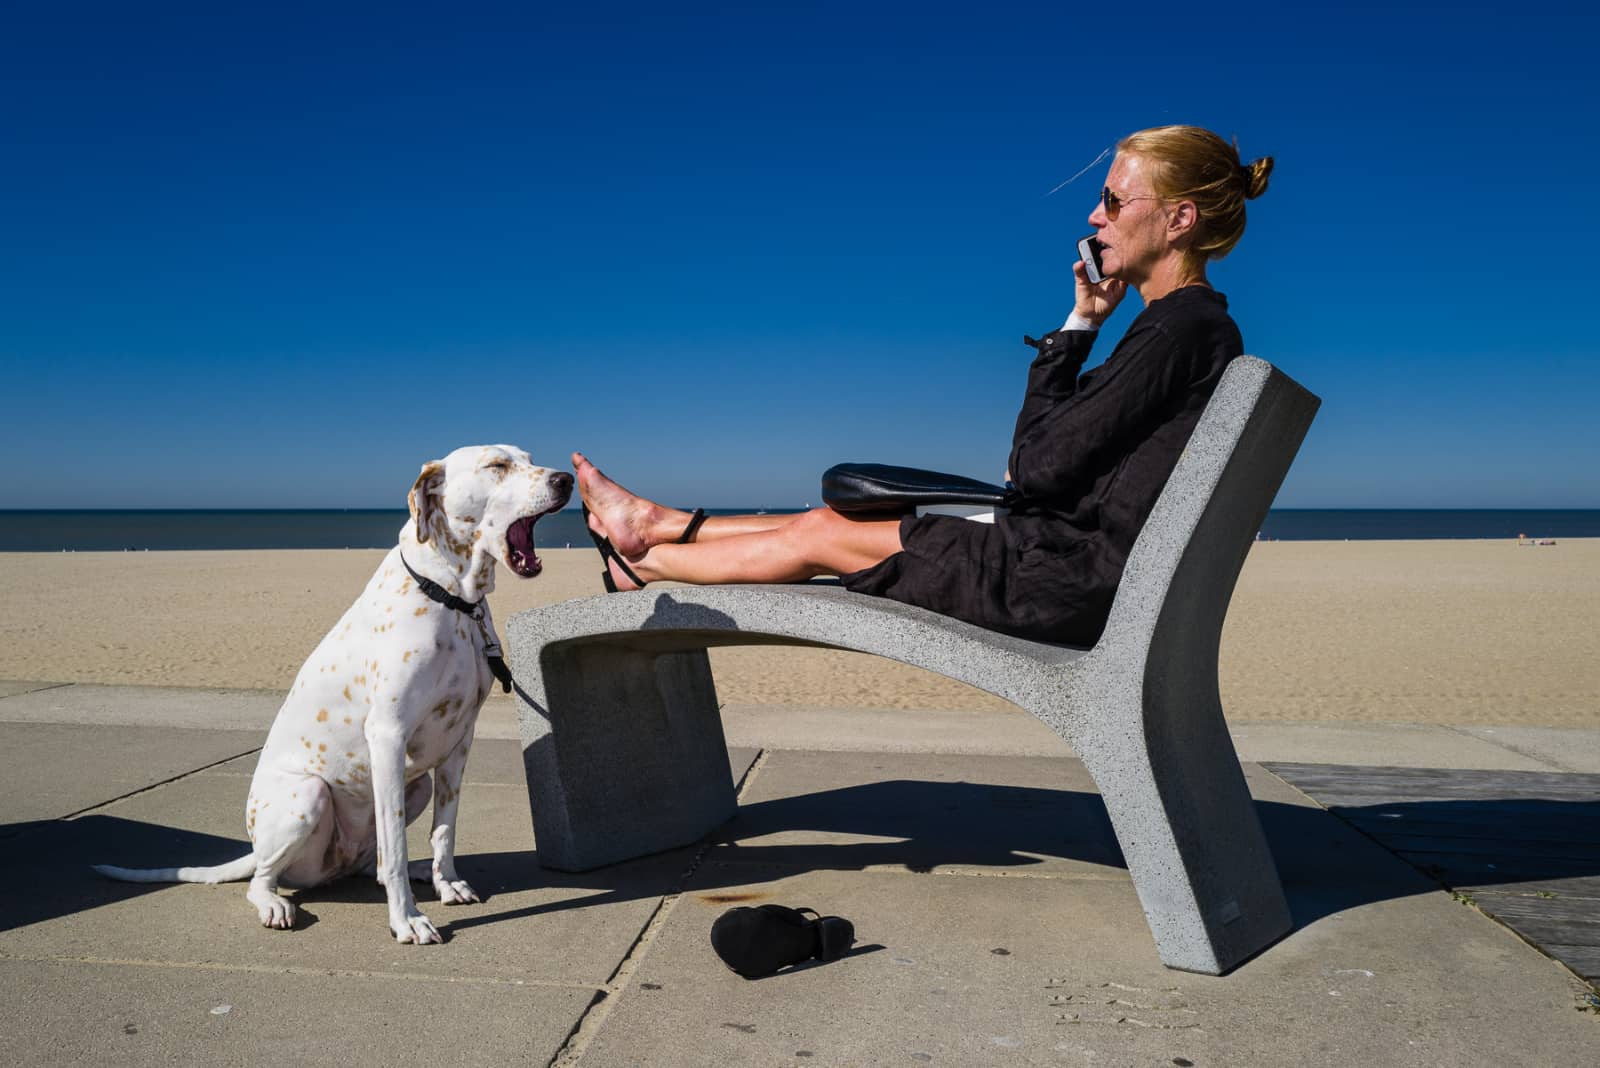 Vrouw met telefoon op stoel bijstrand en hond die gaapt bij haar voeten - Guido van der Zwan